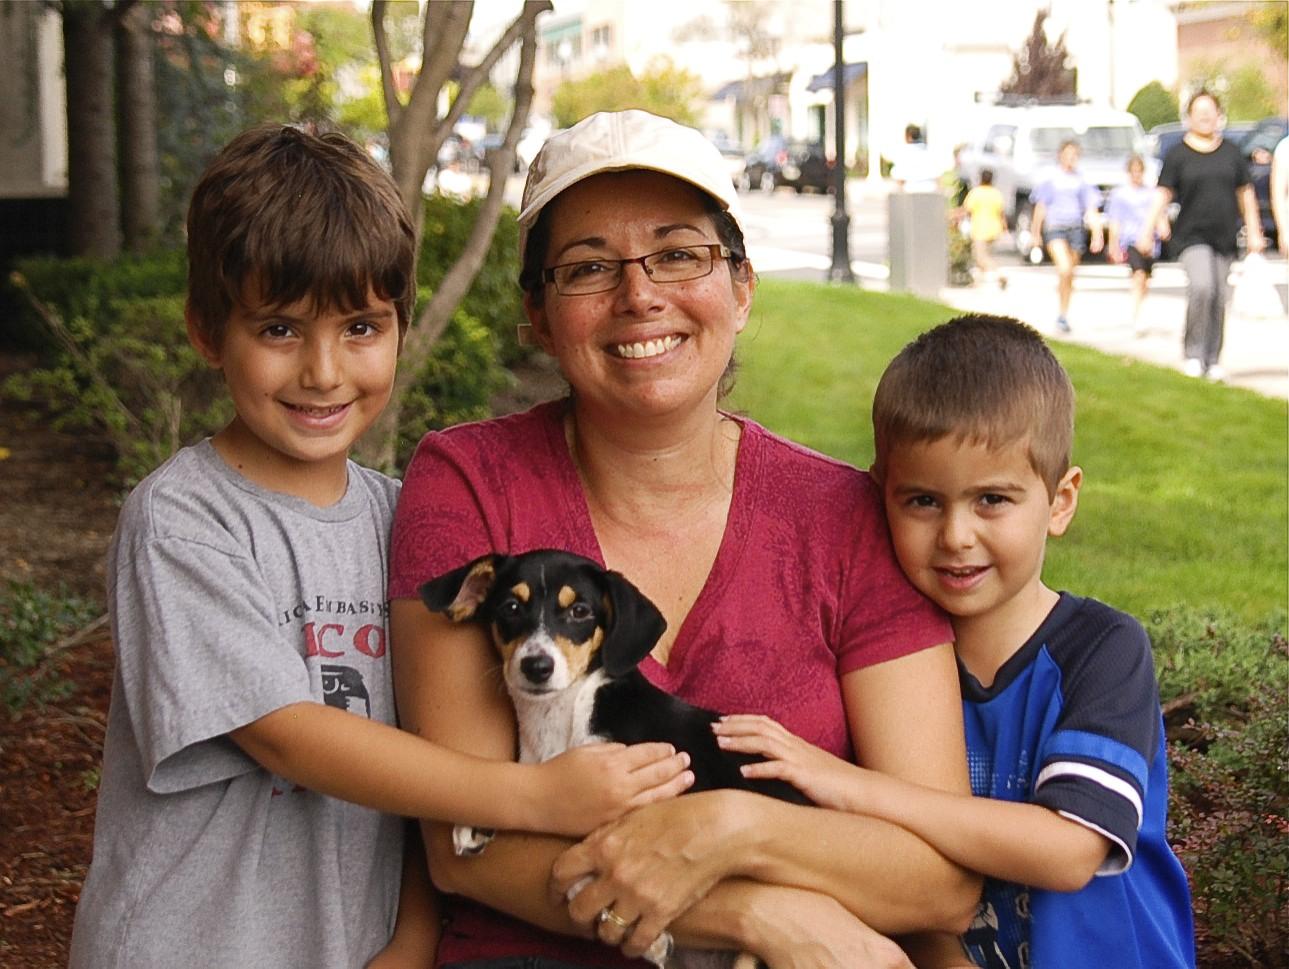 Adopt_A_Pet_9-25-11-2-9.jpg